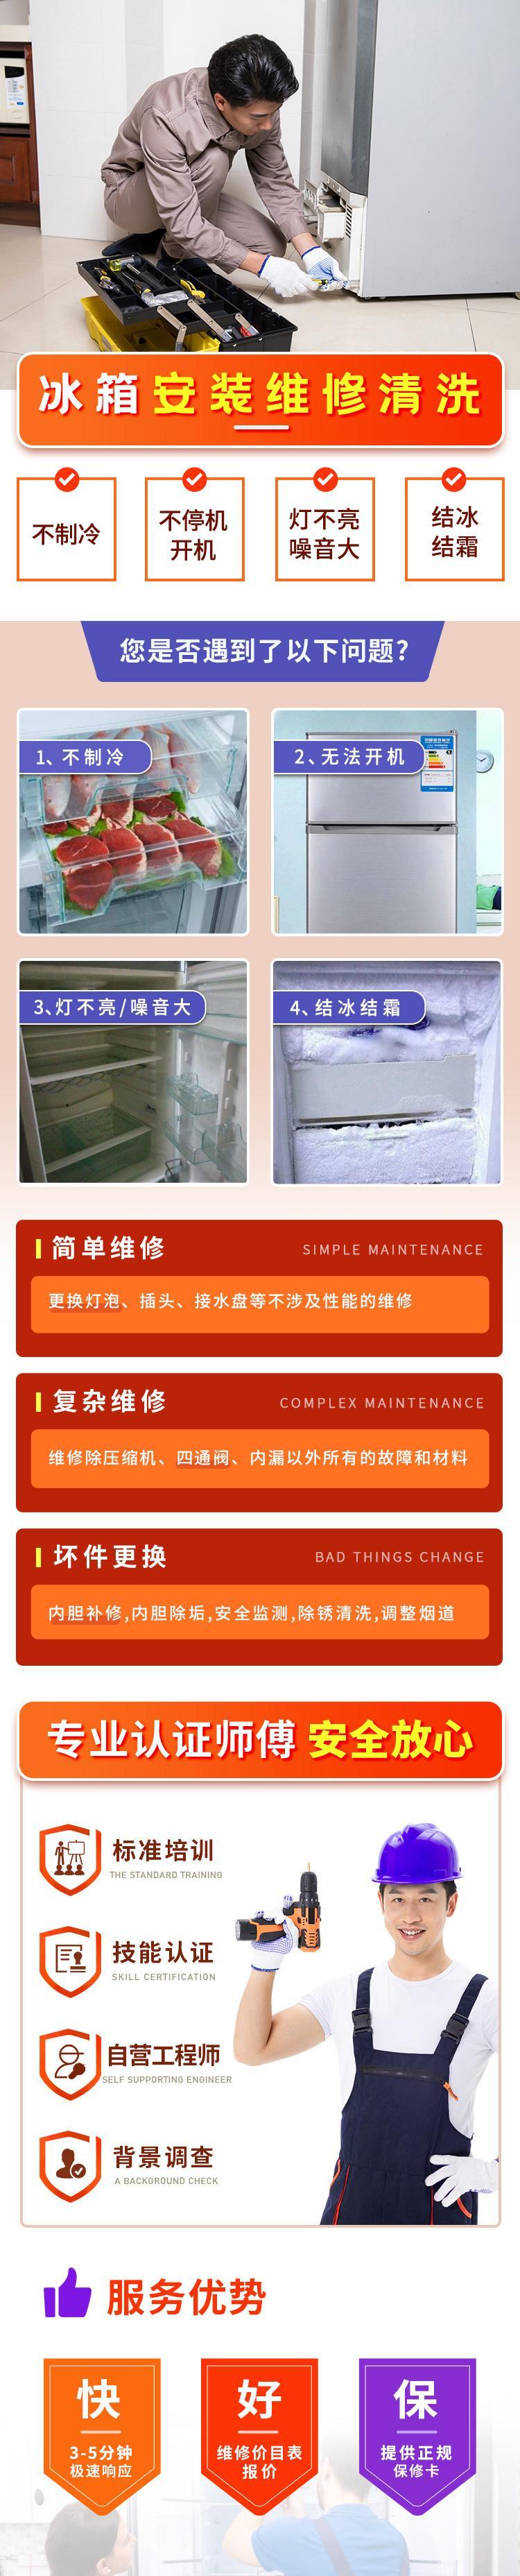 非啄木鸟-冰箱维修.jpg